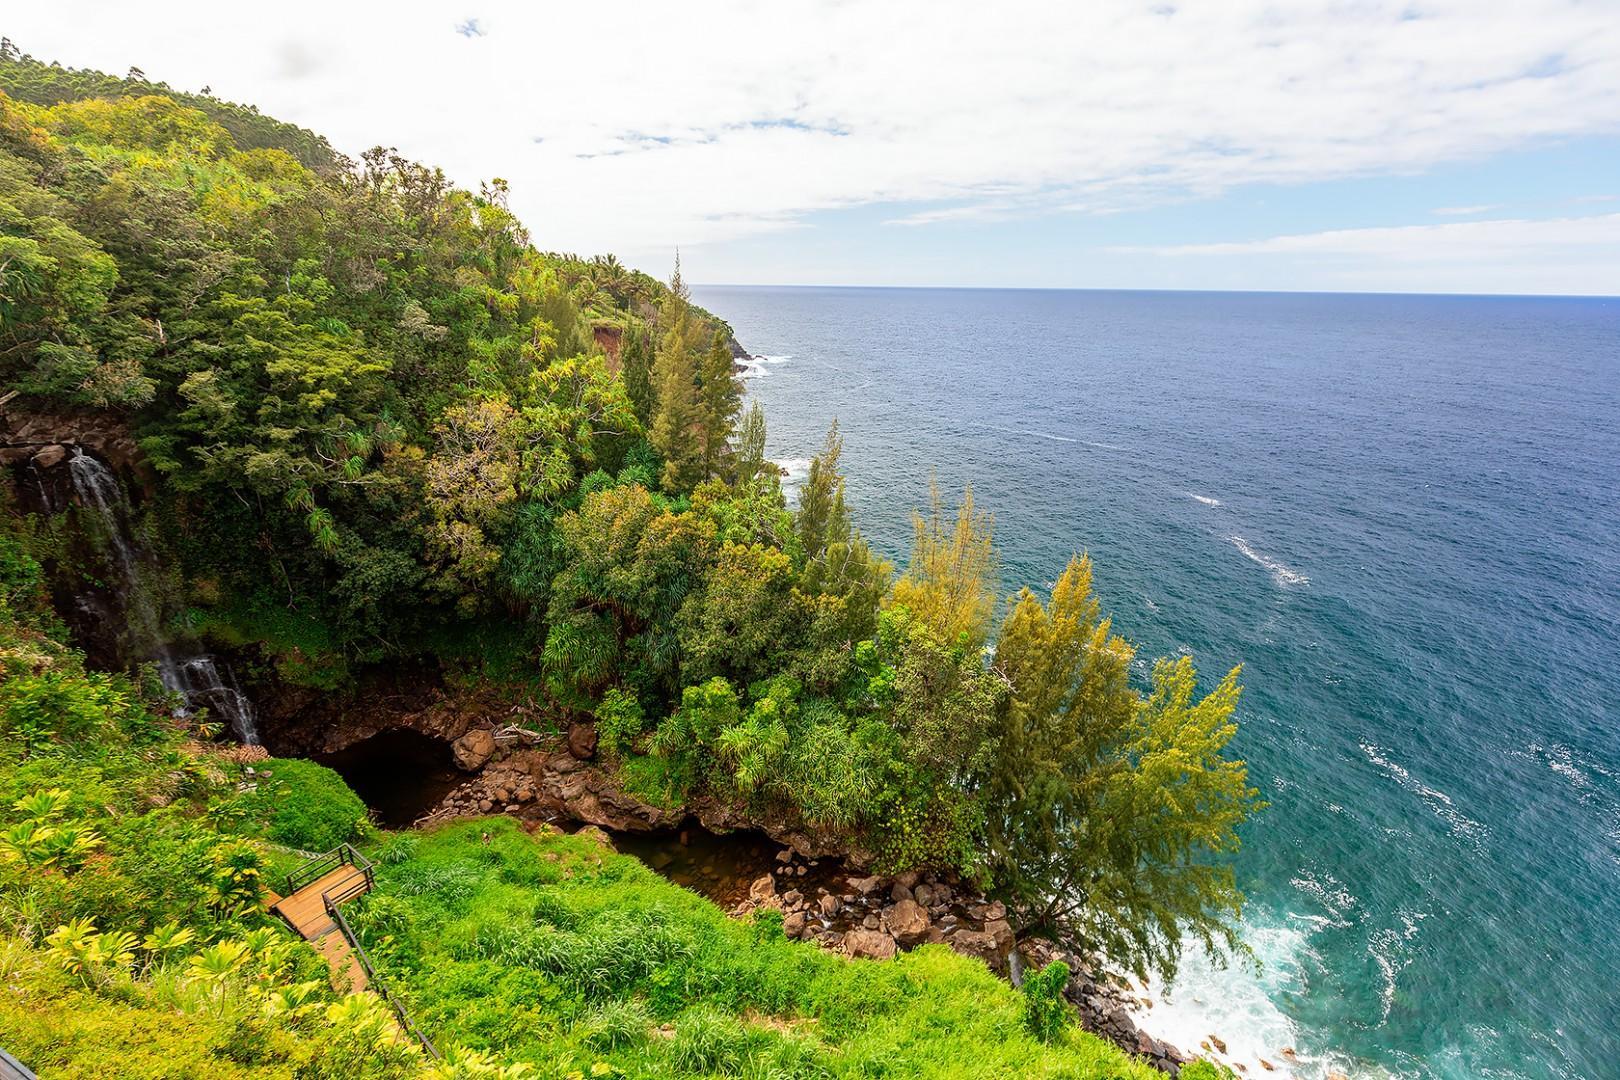 Waterfall/Ocean Views